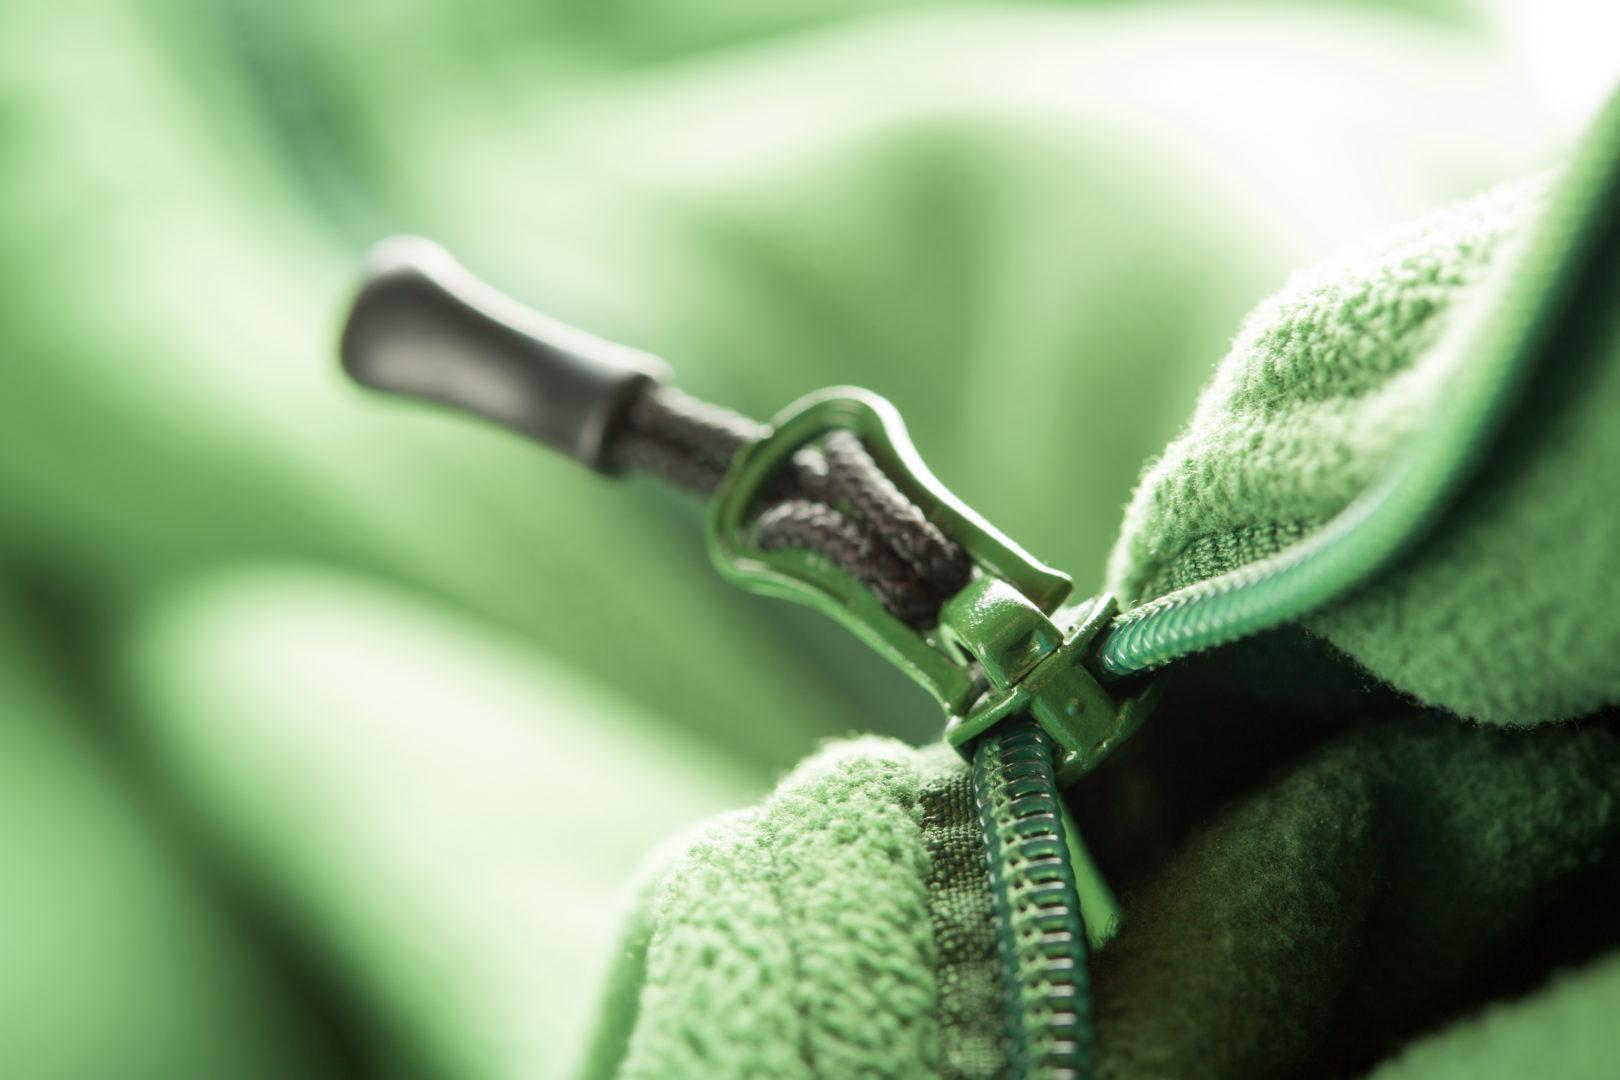 Close up of zipper on fleece sweater